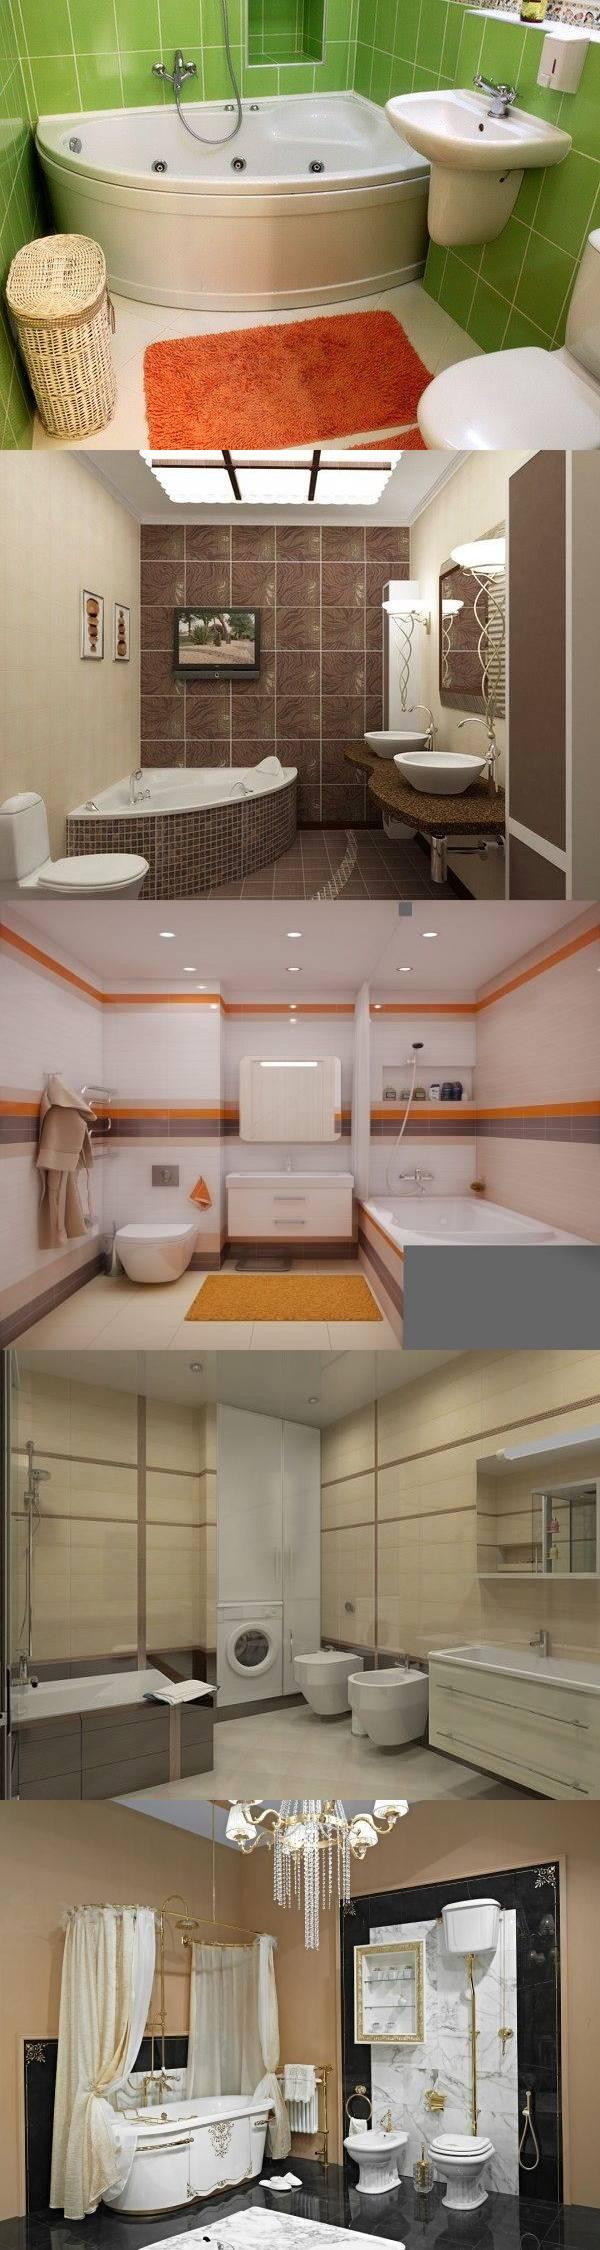 Интерьер совмещенной ванной — 26 идей